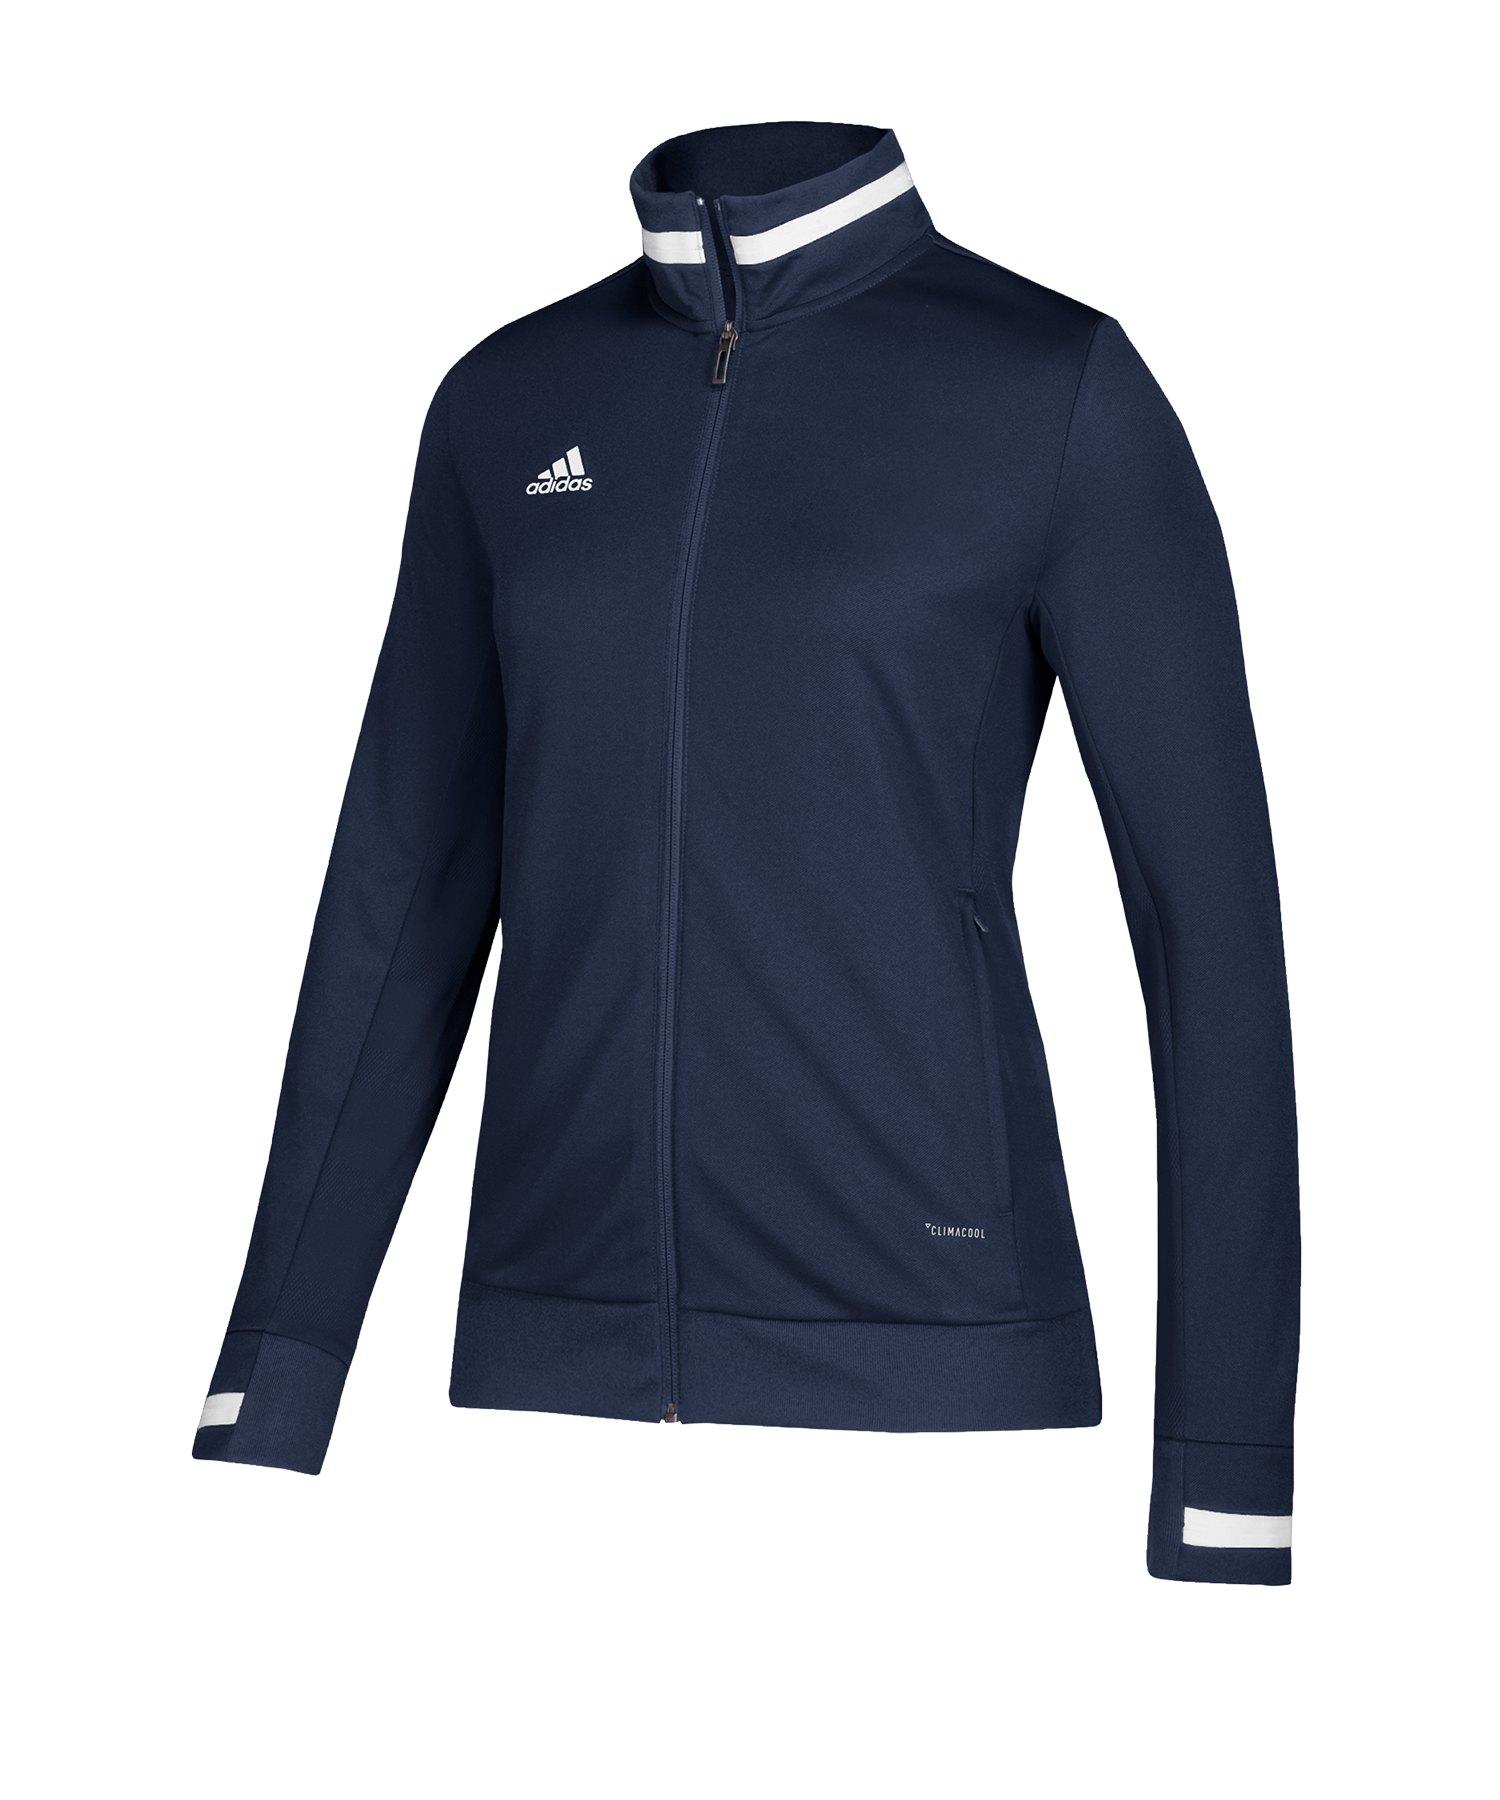 adidas Team 19 Track Jacket Damen Blau Weiss - blau